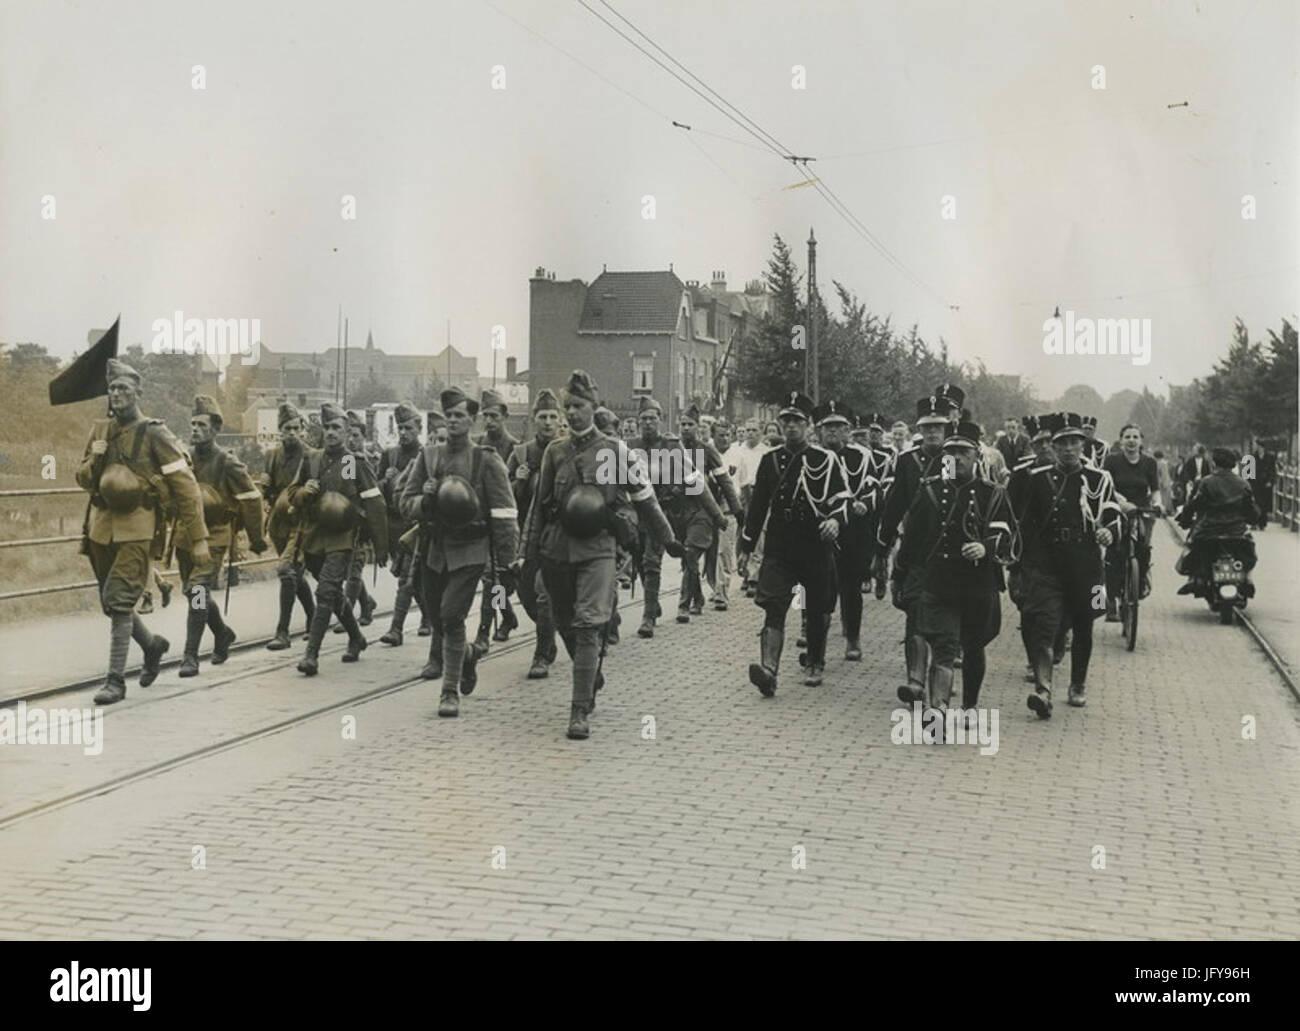 Een detachement van de Koninklijke Marechaussee passeert een detachement Nederla - F40801 - KNBLO - Stock Image